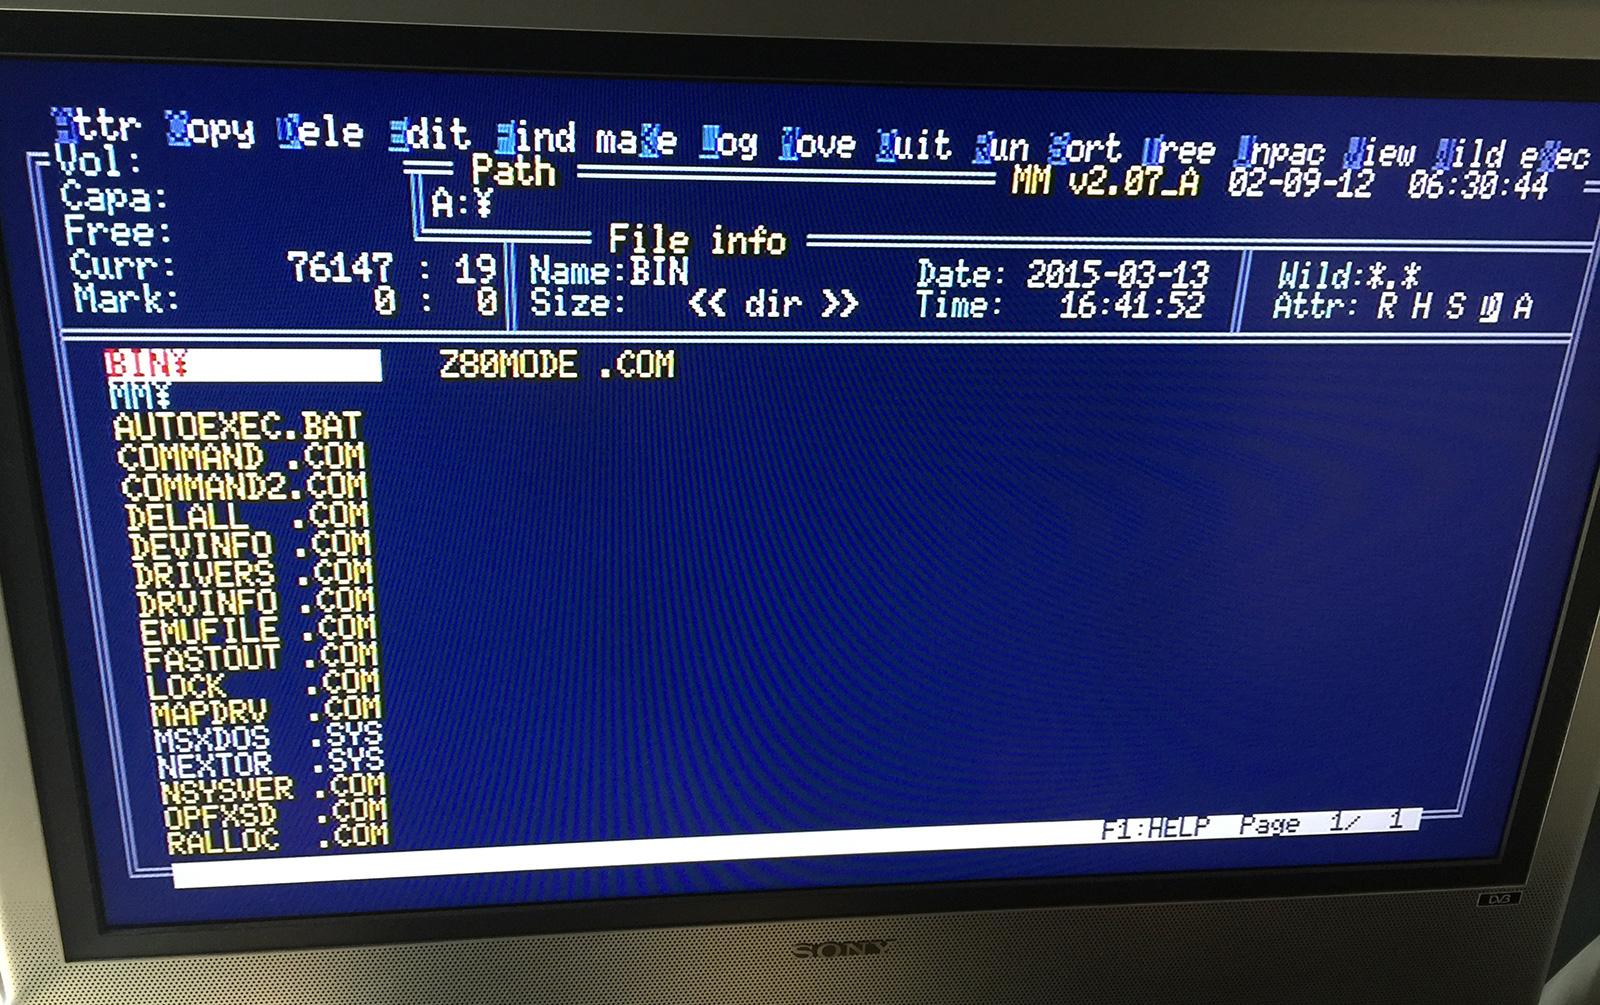 Nextor, para administrar archivos y el cartucho MegaFlashRom fácilmente.